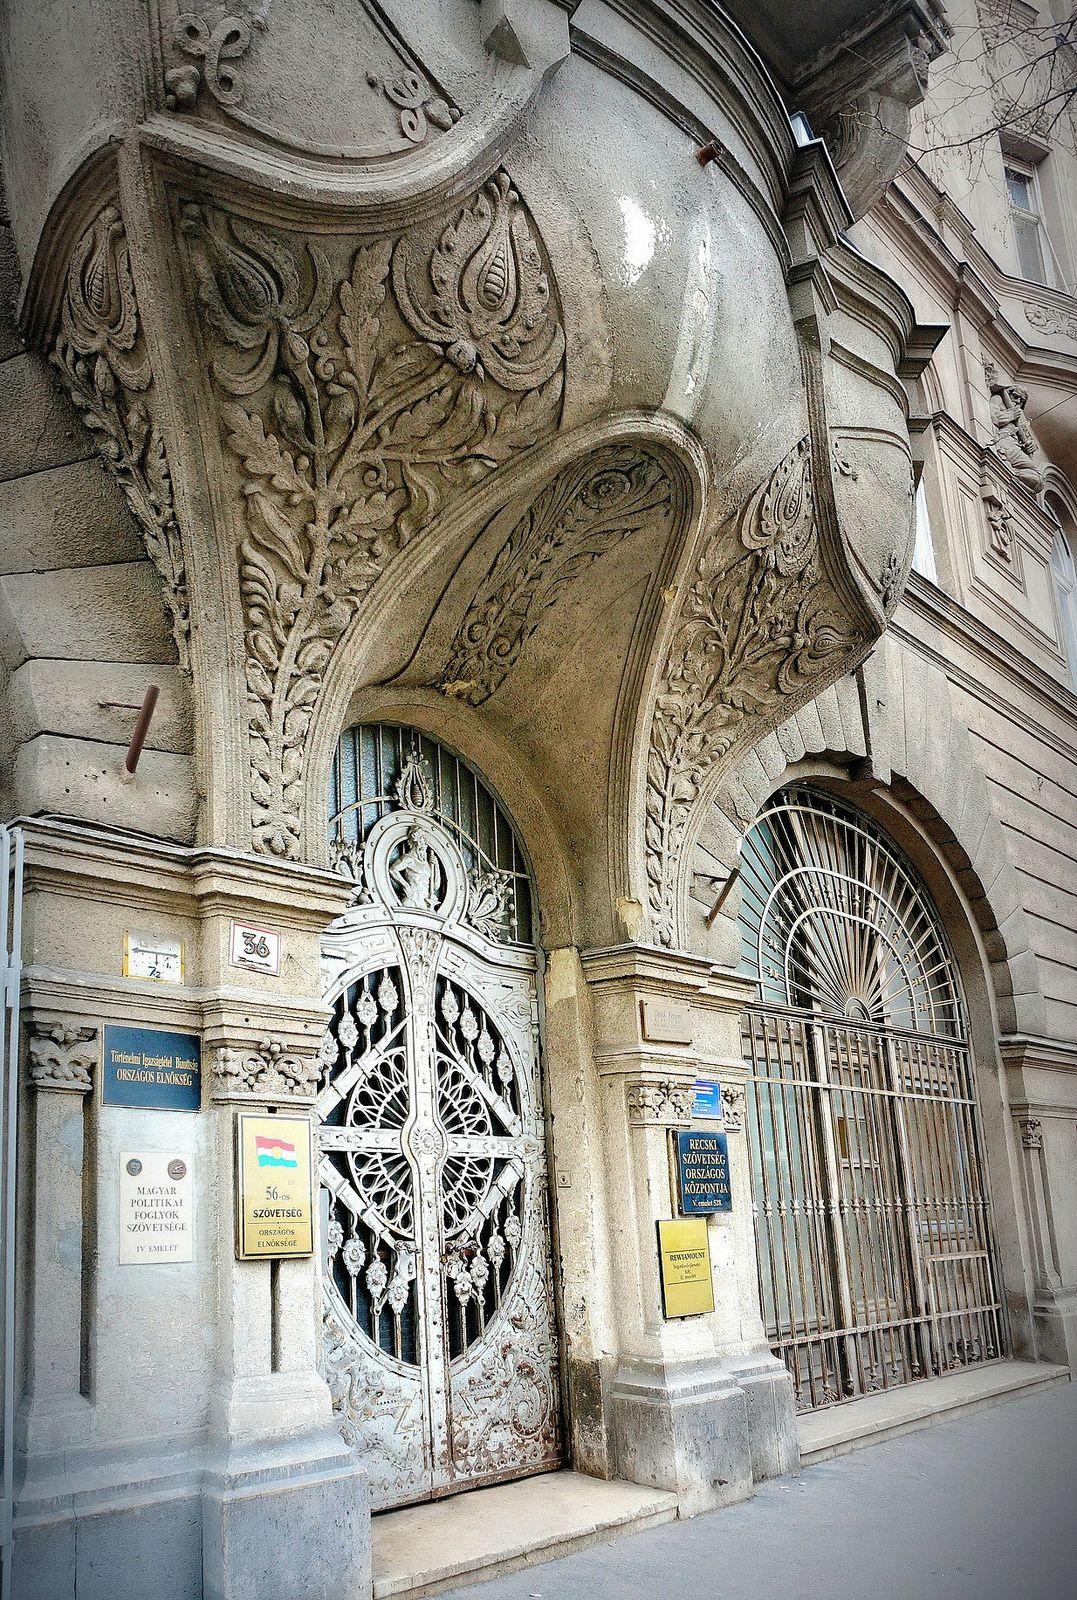 budapest art nouveau doors art nouveau architecture. Black Bedroom Furniture Sets. Home Design Ideas